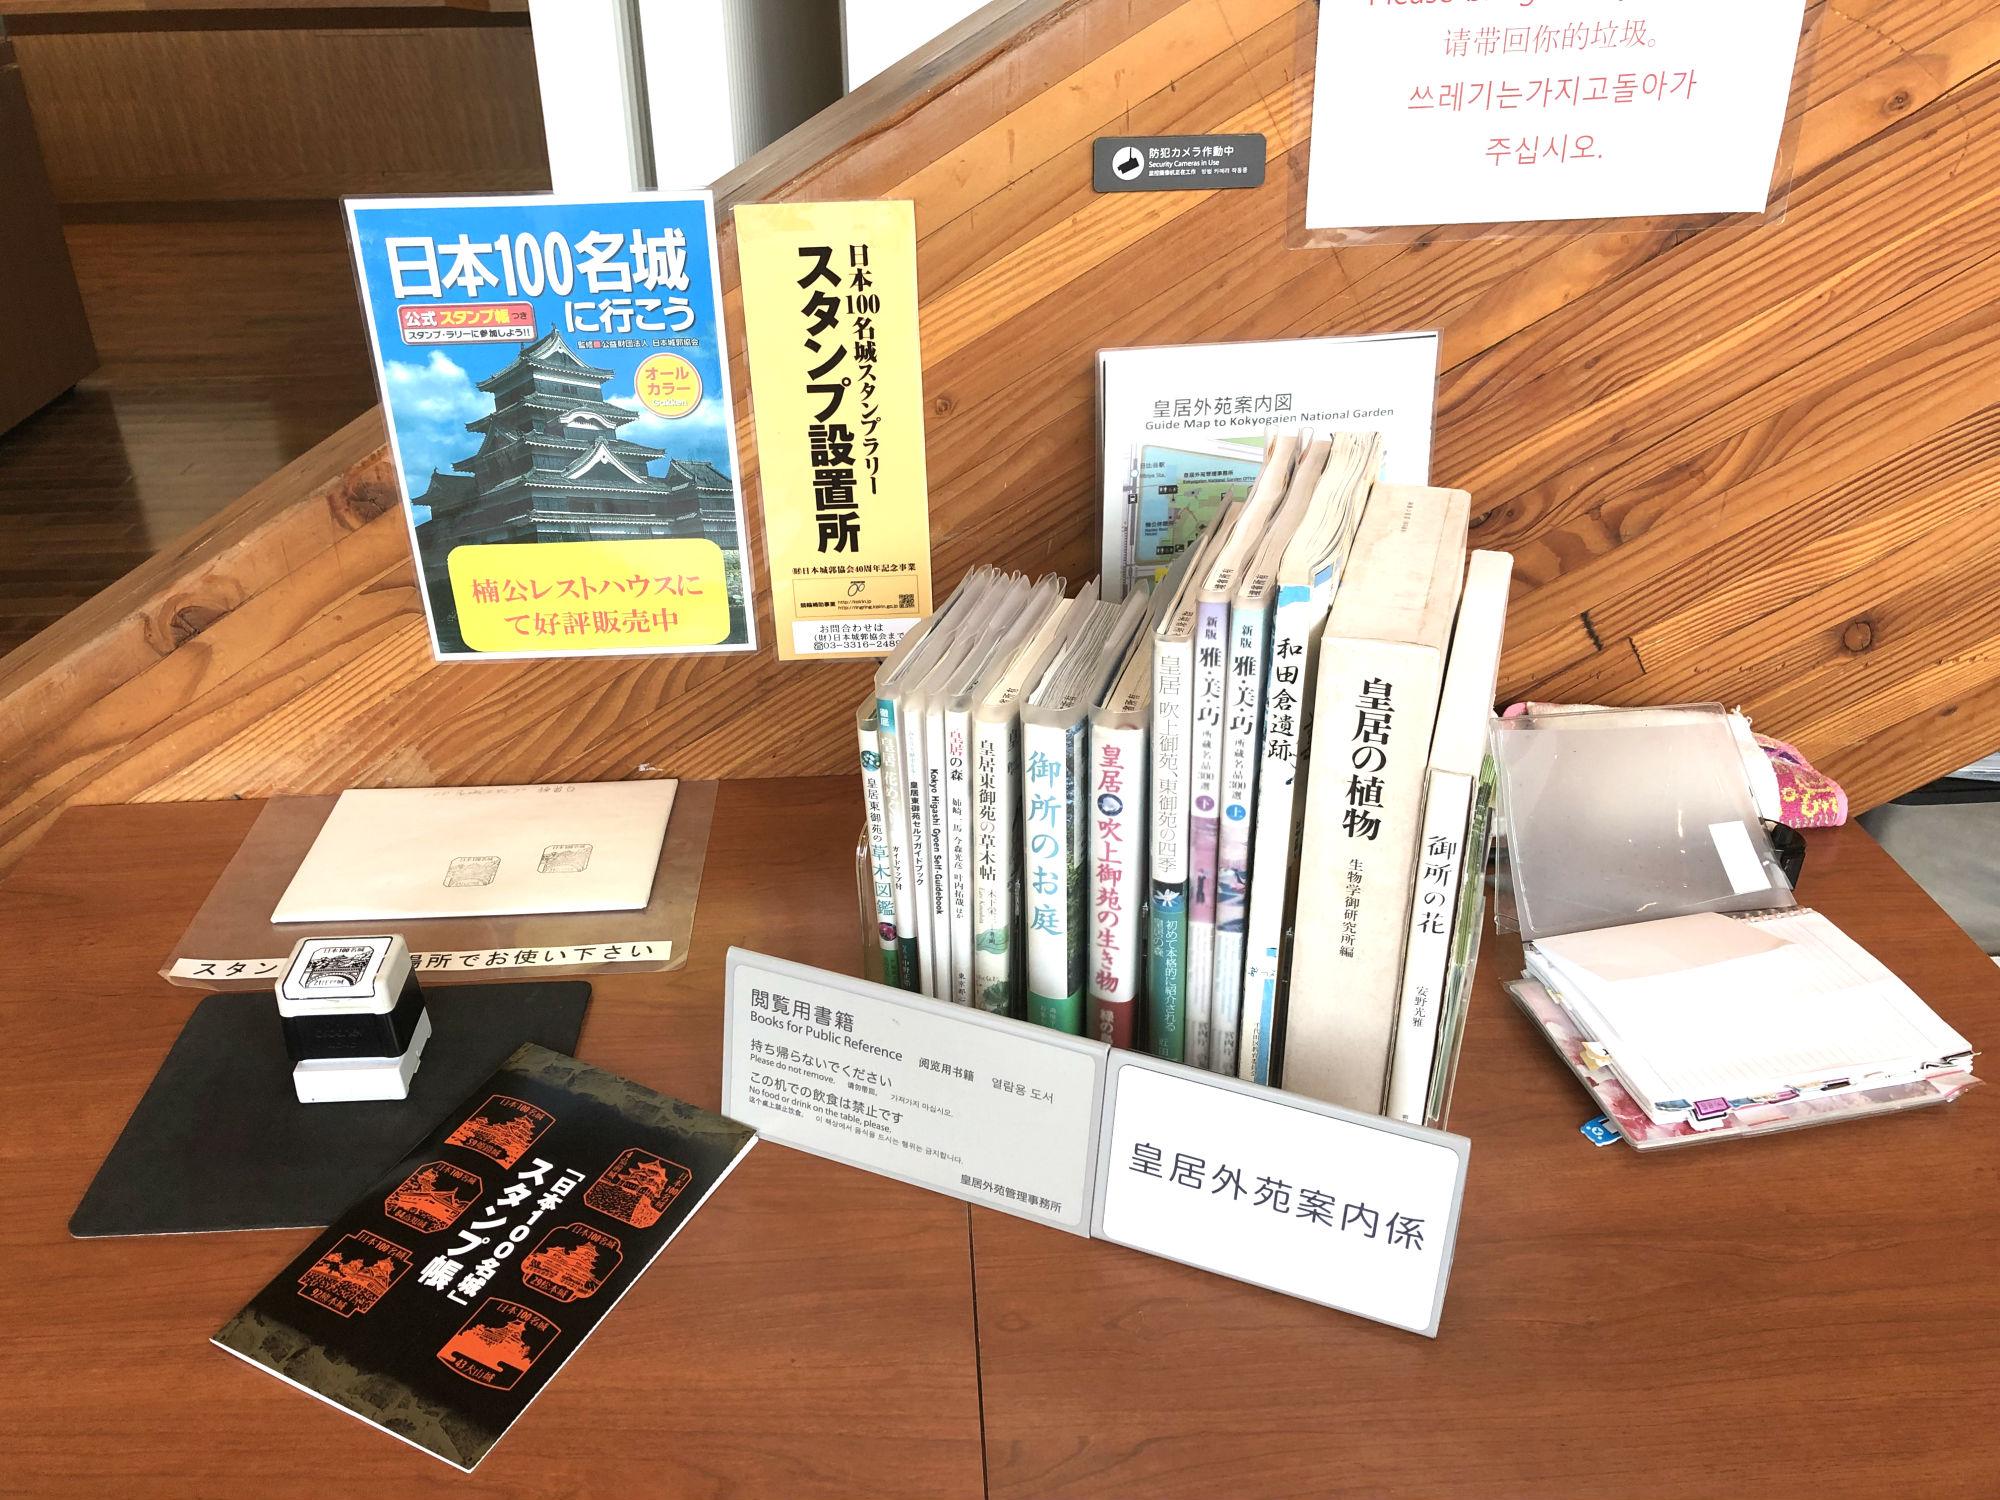 日本100名城スタンプラリー 江戸城スタンプ台